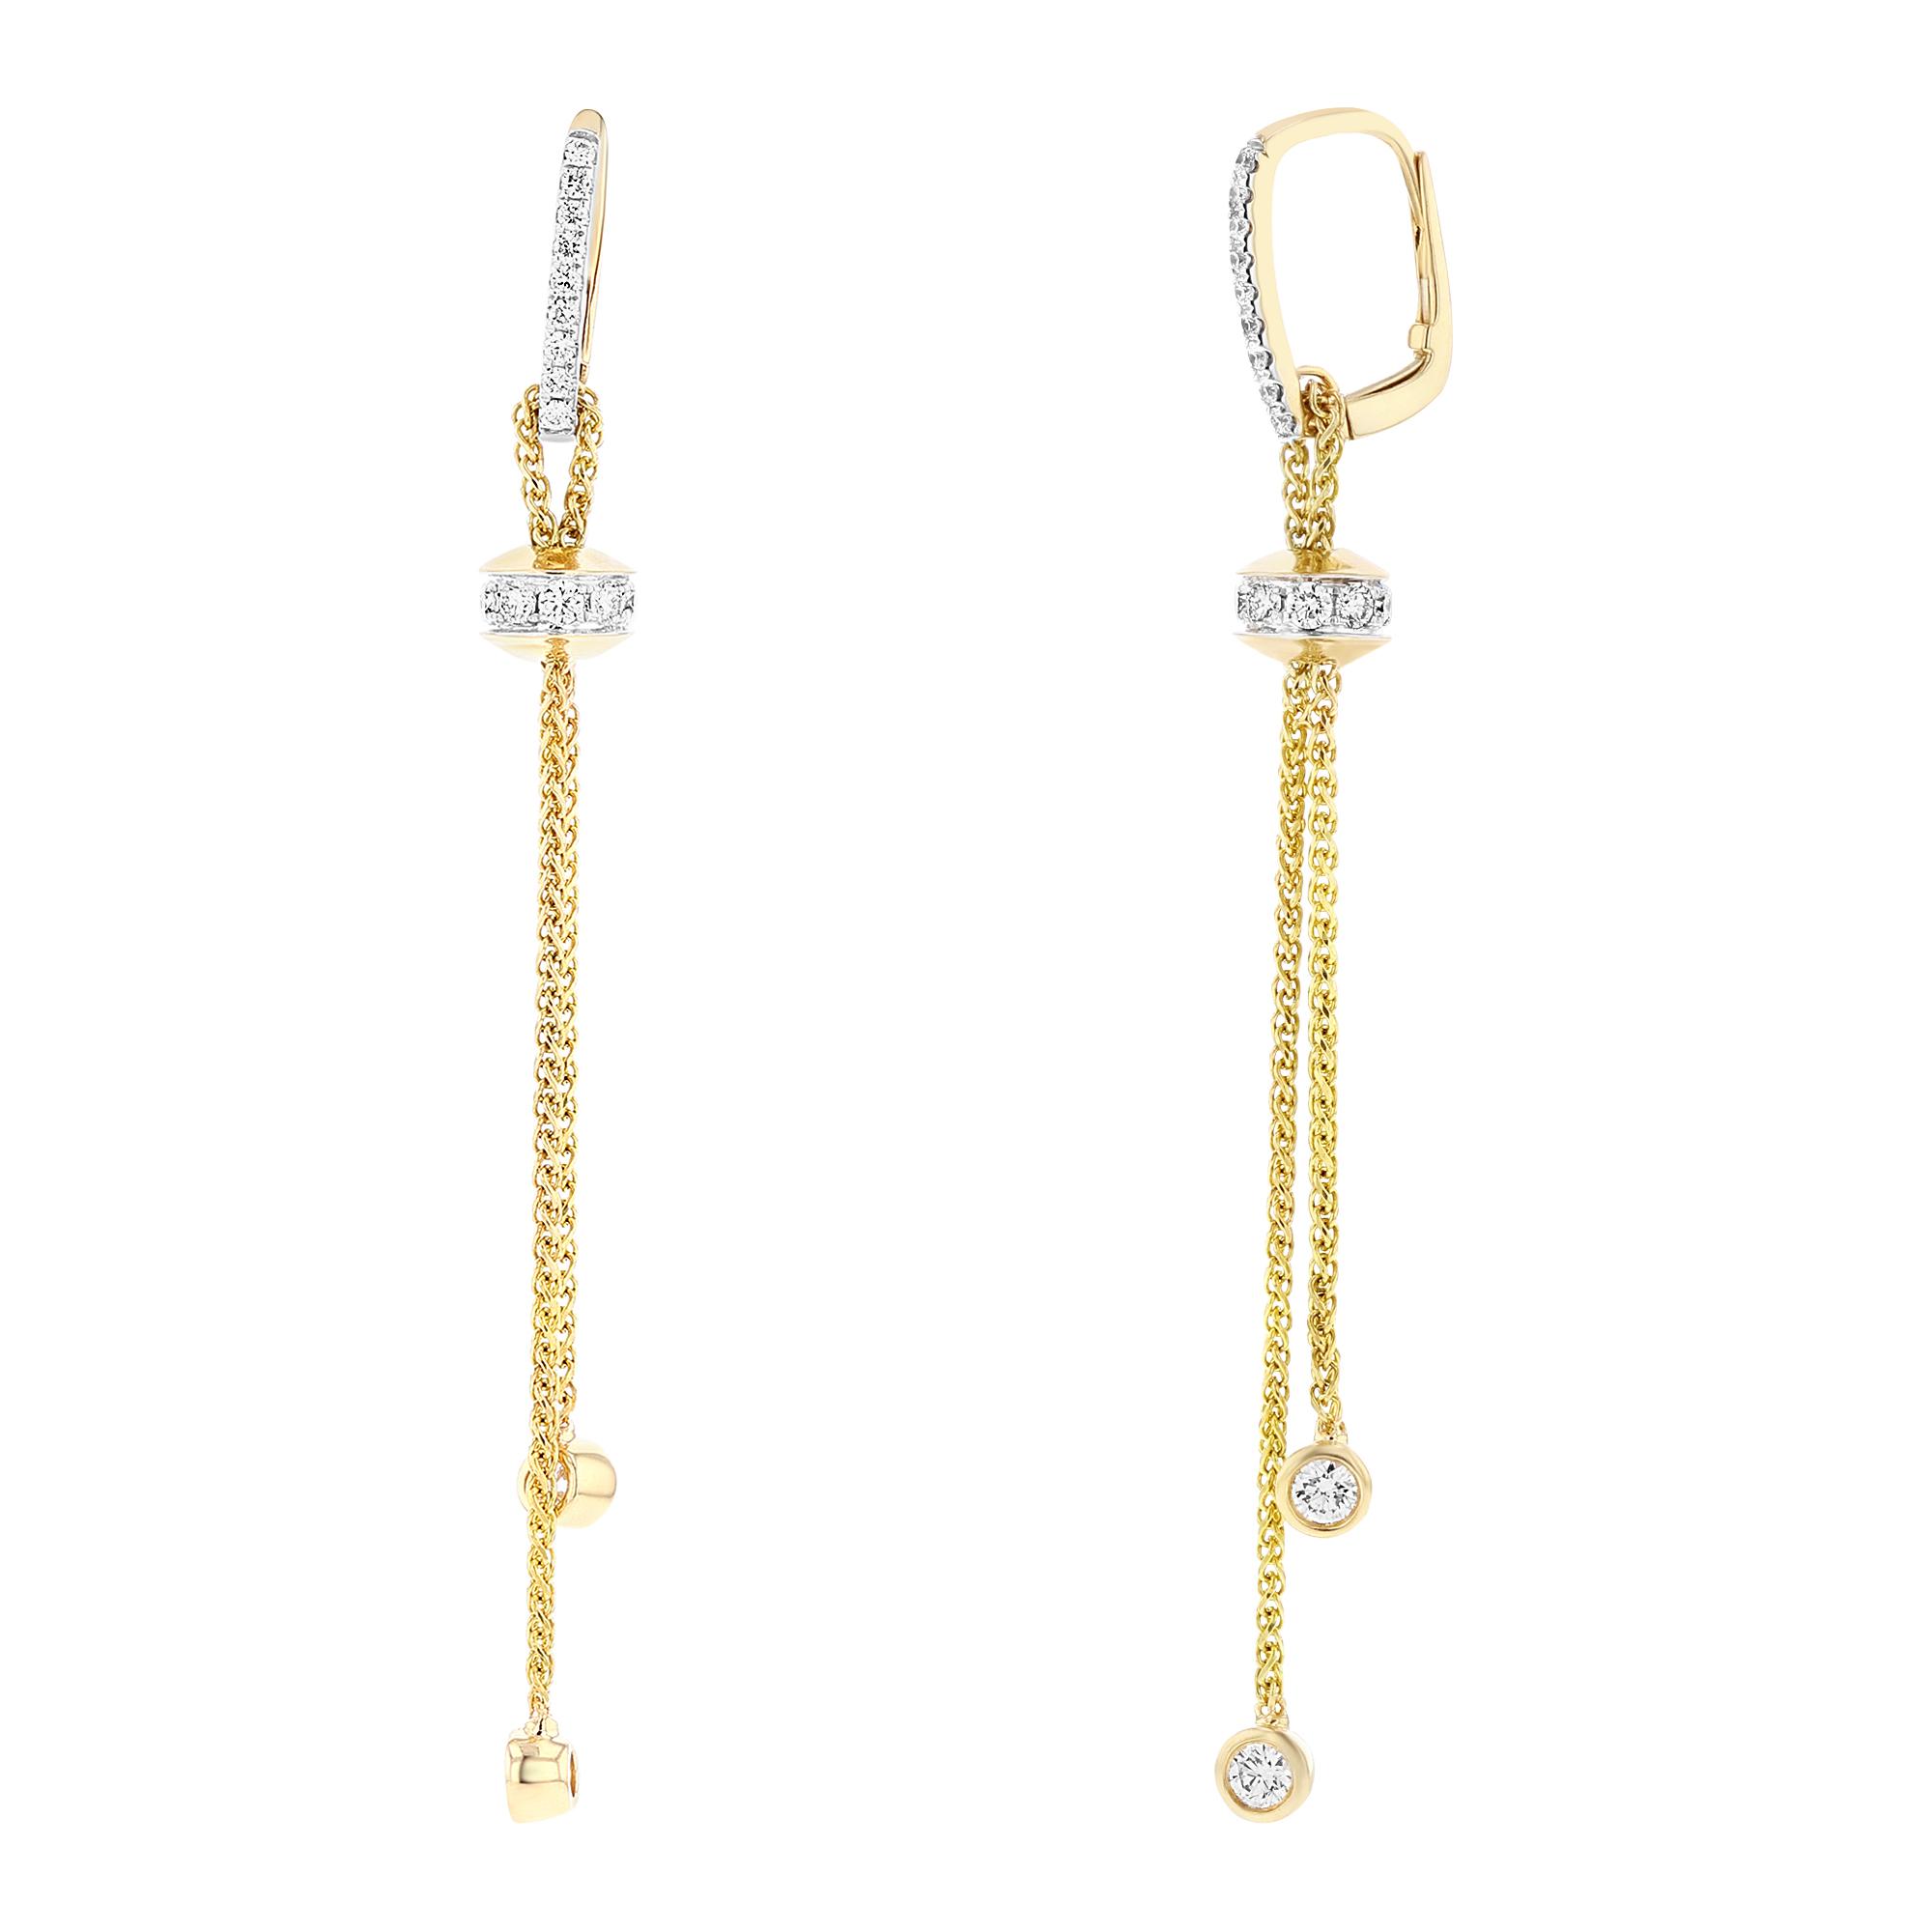 View 0.80ctw Diamond Fashion Dangling Earrings in 18k Yellow Gold